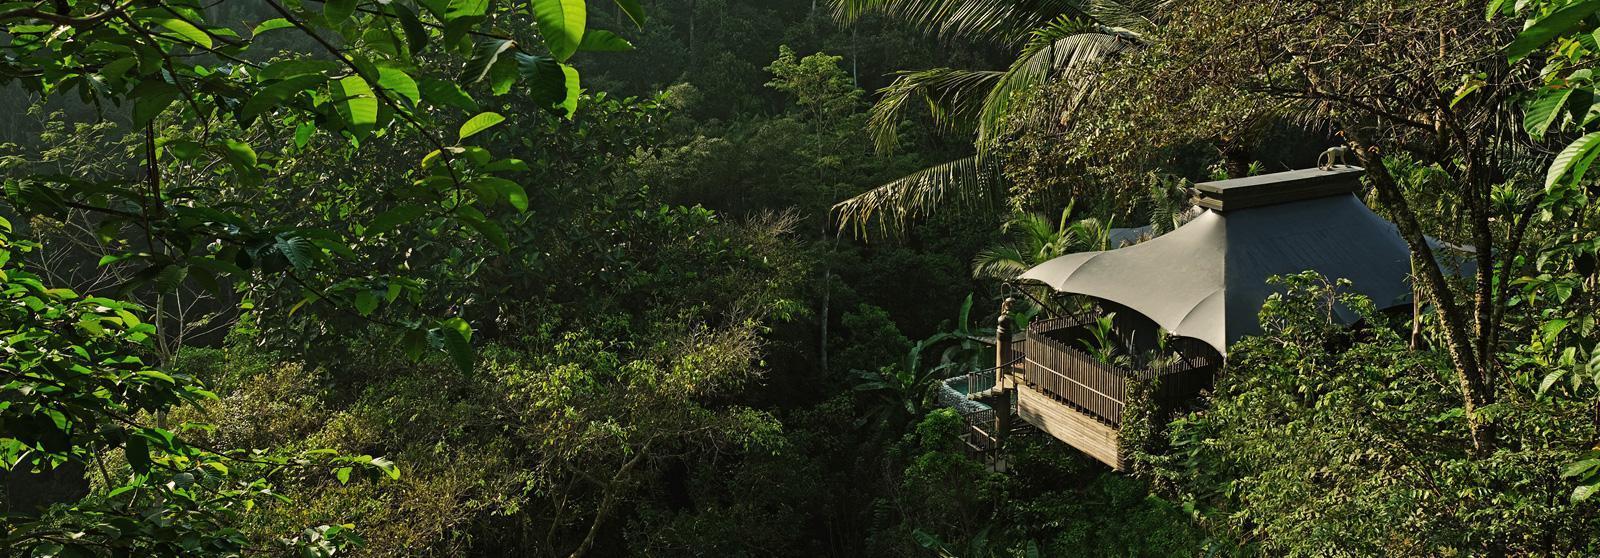 烏布嘉佩樂酒店(Capella Ubud)【 巴厘島,印度尼西亞】 酒店  www.yisecj.live